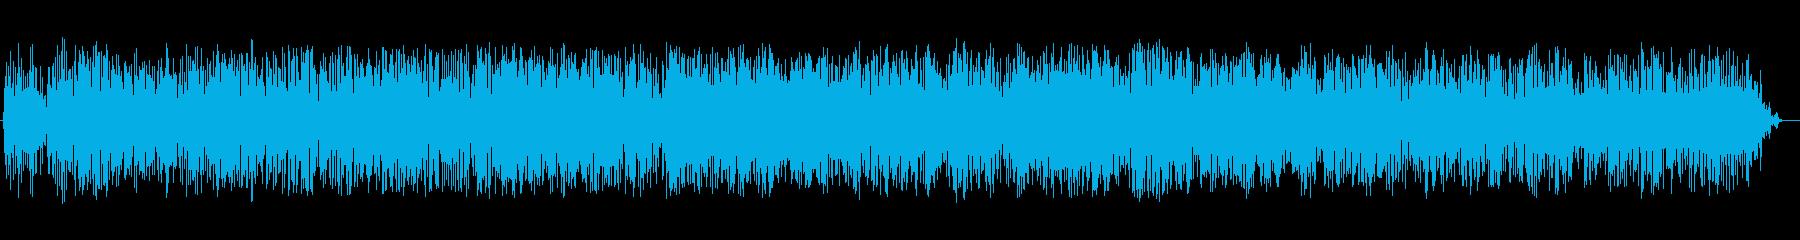 ディープフライフライ、フードフードの再生済みの波形